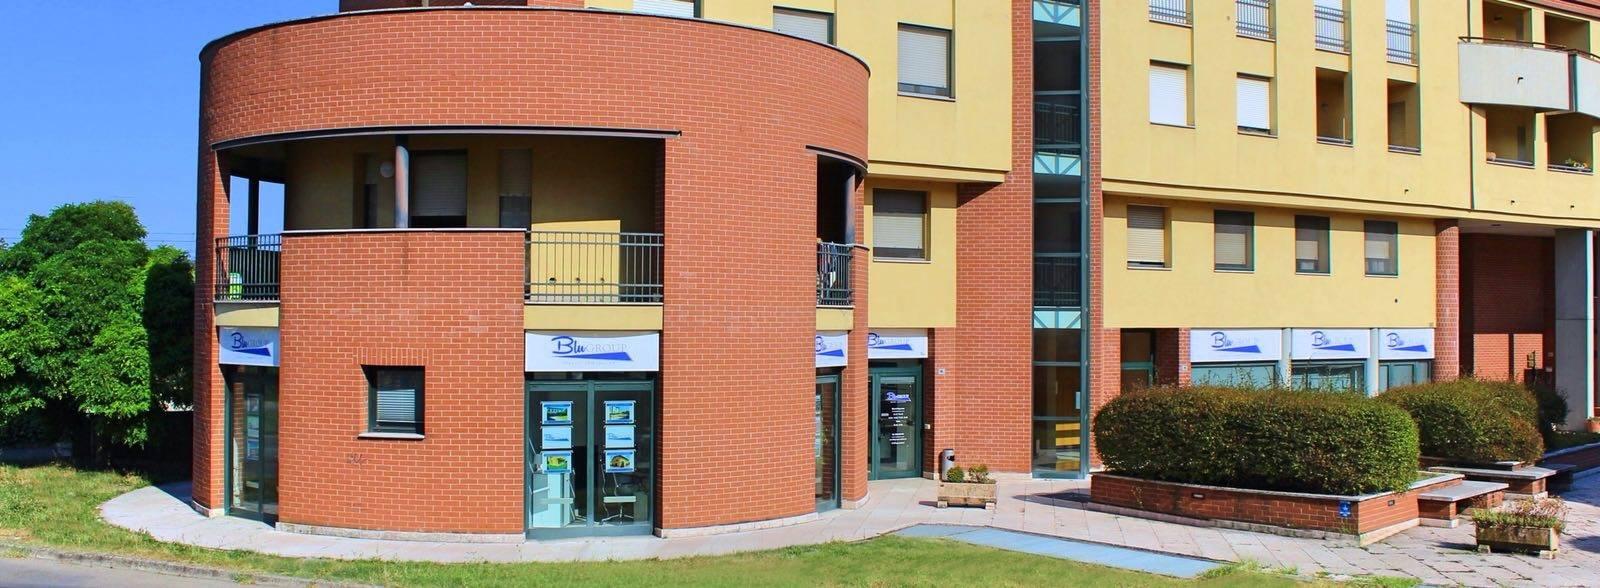 Agenzia Immobiliare Blu Group Carpi - La nostra Sede - Consulenza Immobiliare